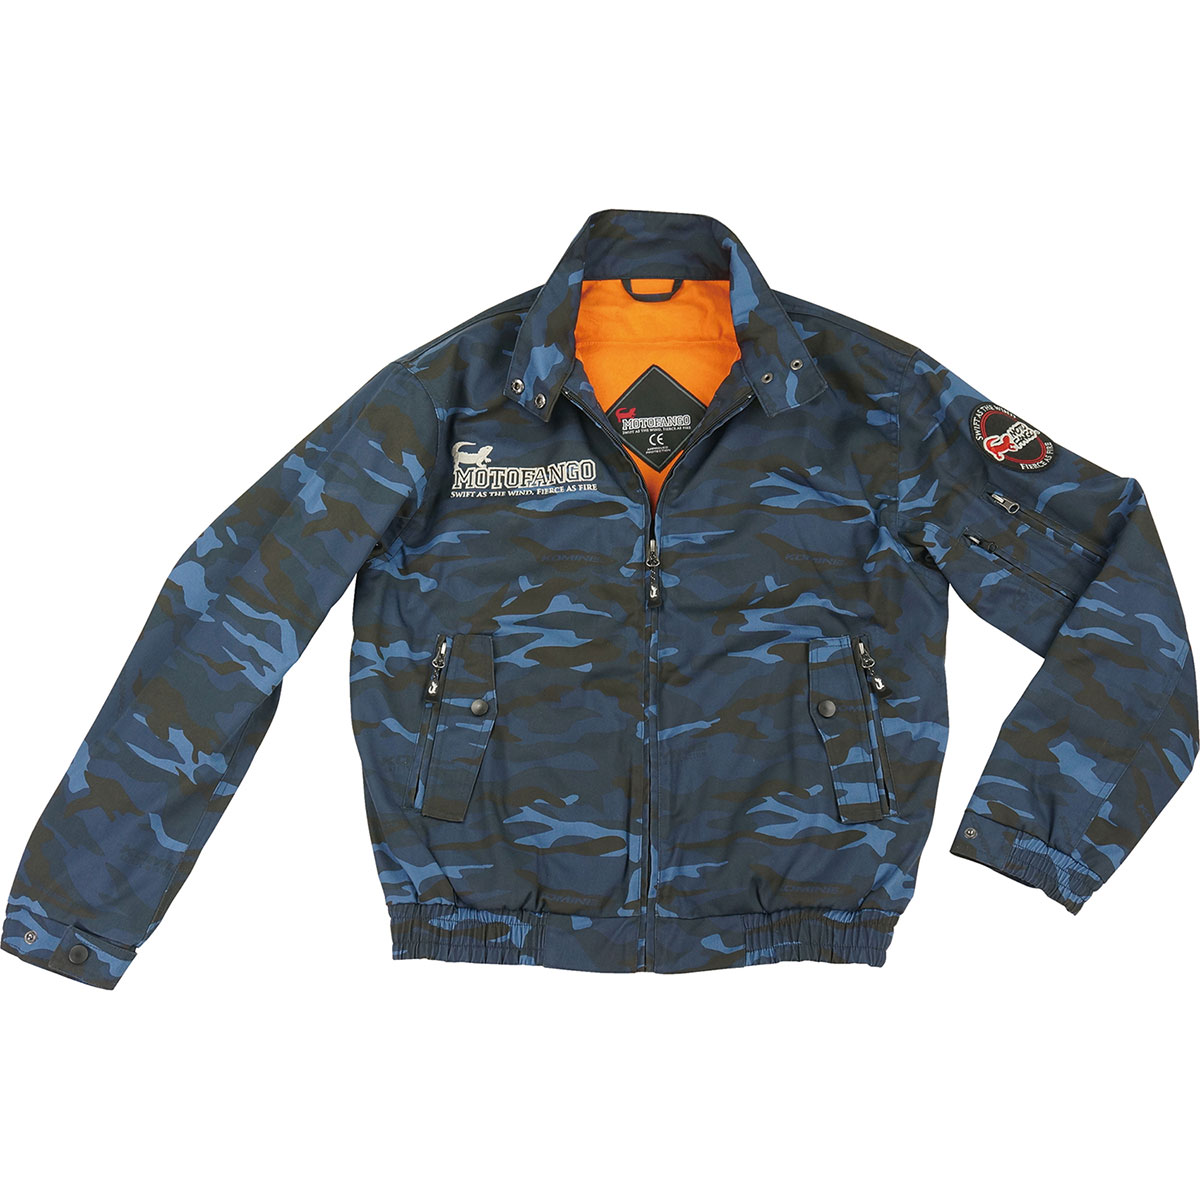 コミネ (Komine) バイク用 ジャケット Jacket JK-591 プロテクトスイングトップジャケット ブルー カモ 青 迷彩 3XLサイズ 07-591BLCA/3XL